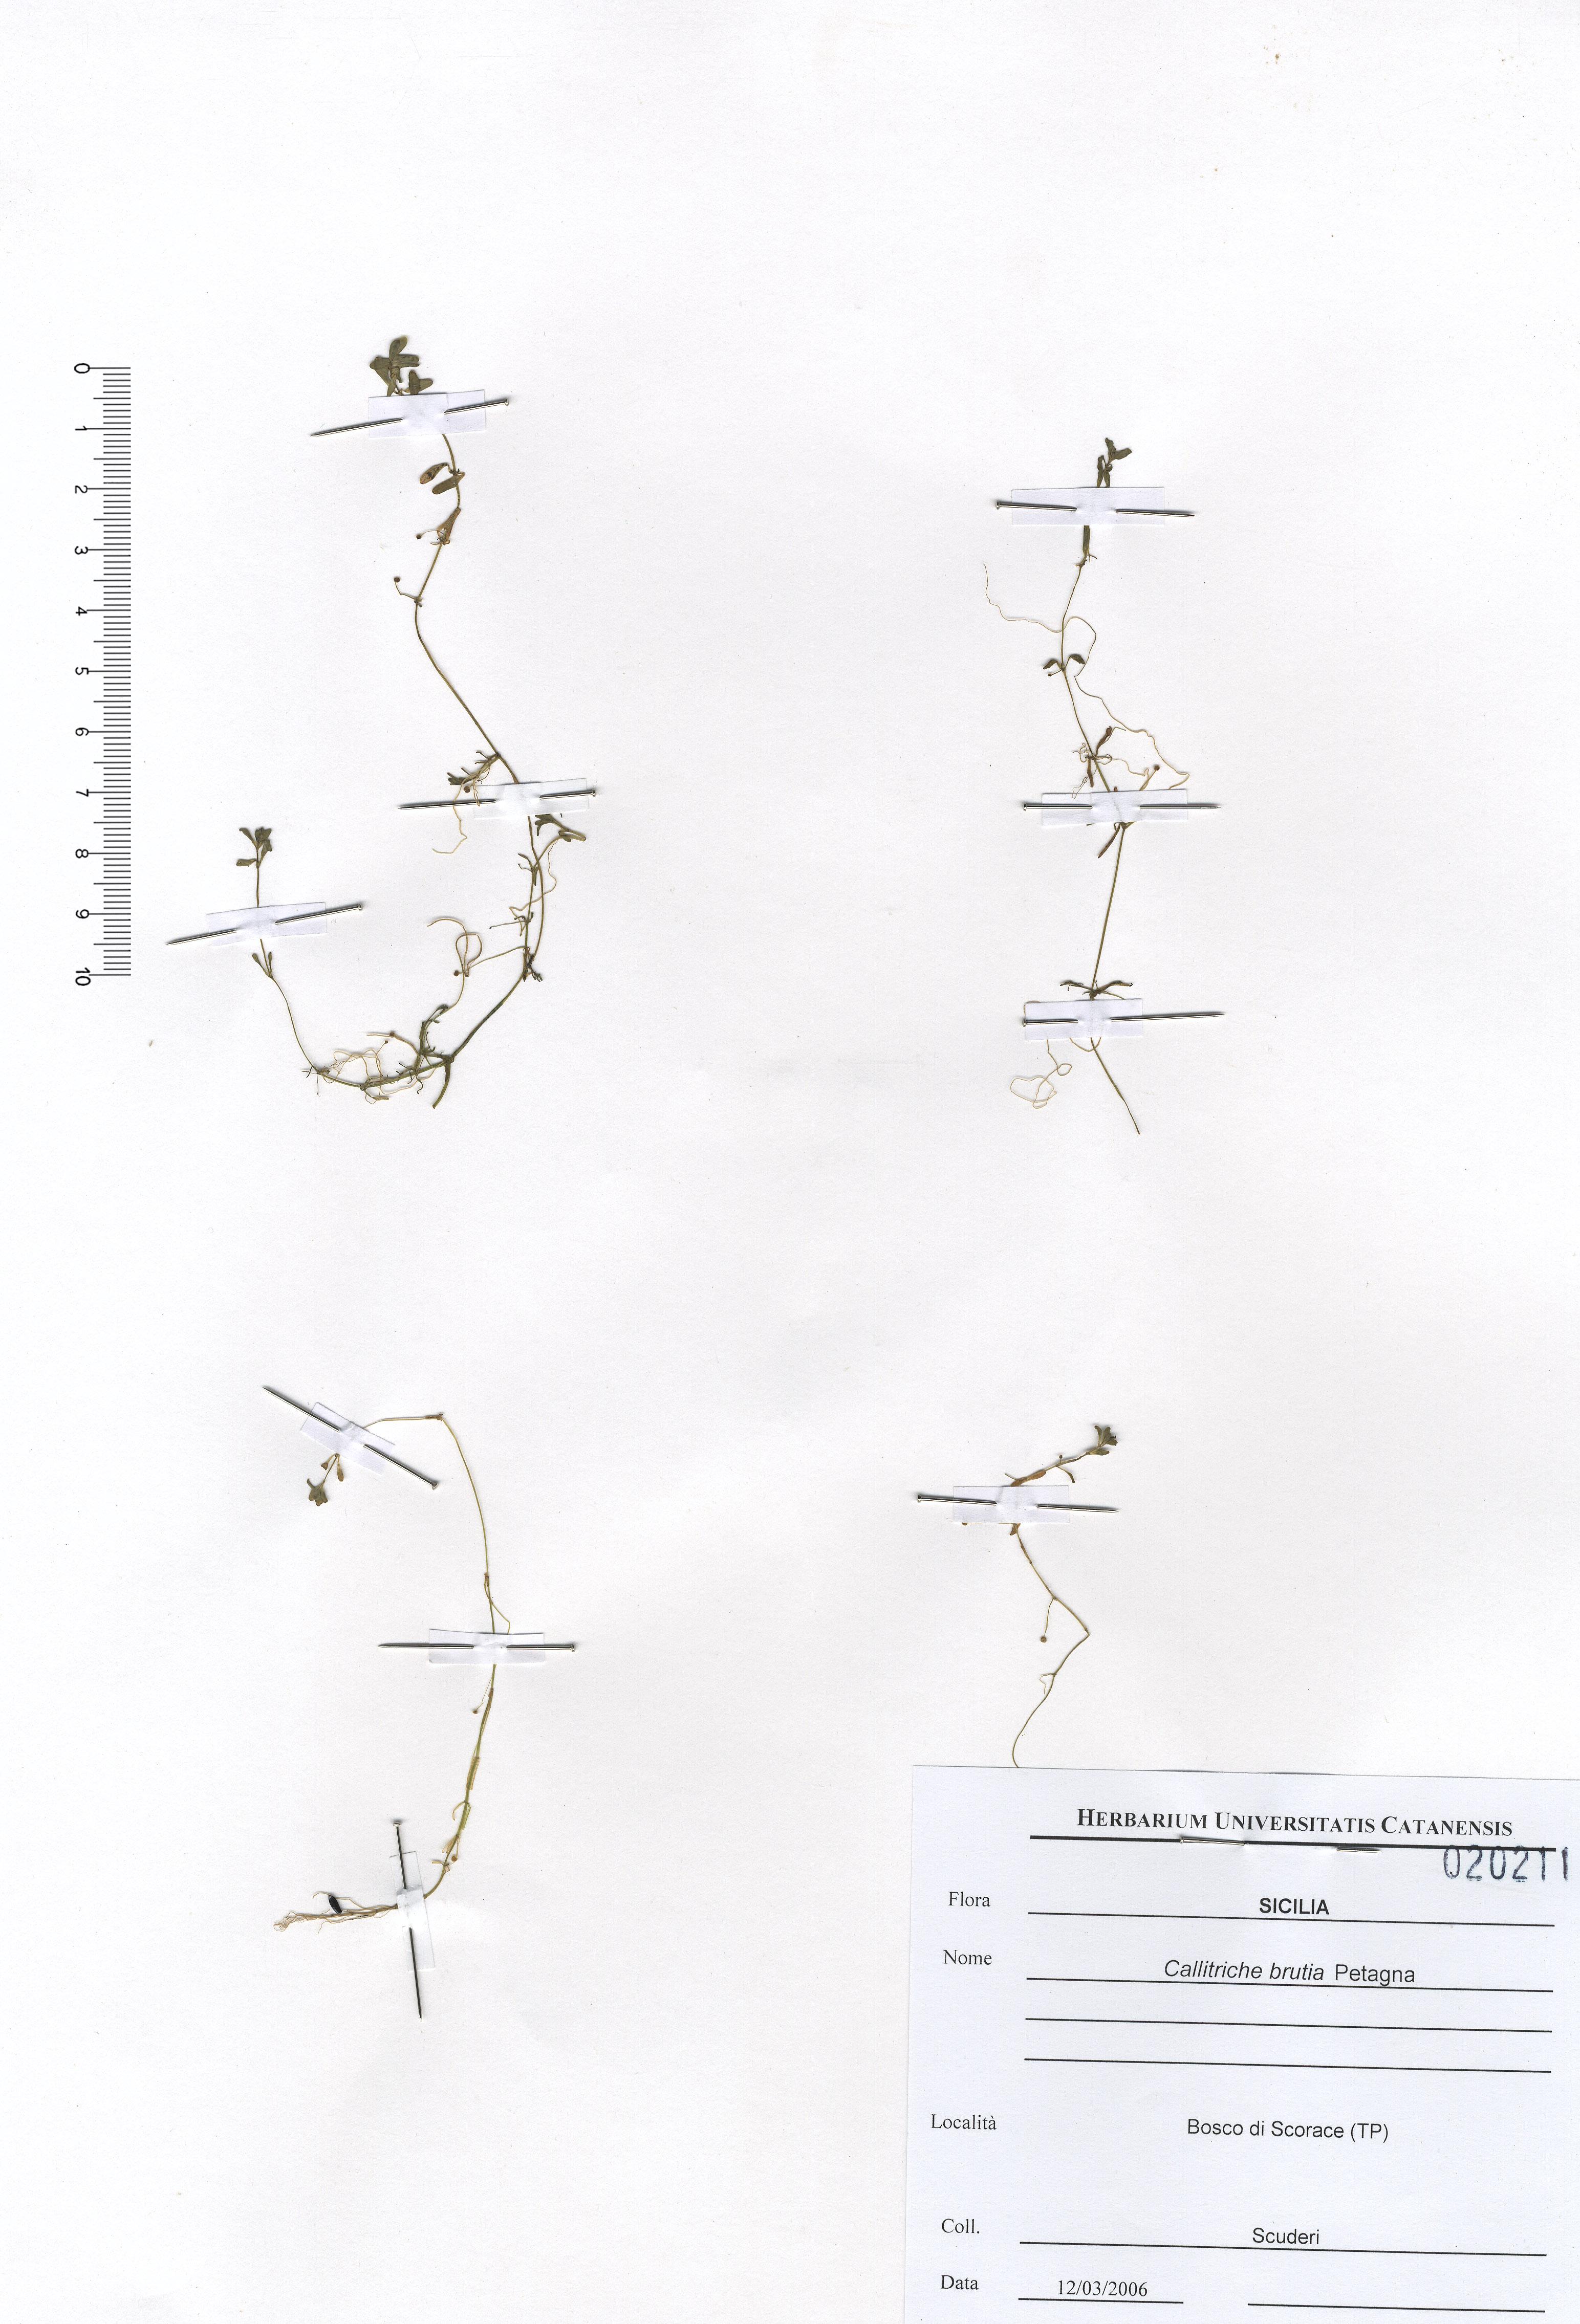 &copy; Hortus Botanicus Catinensis - Herb. sheet 020211<br>